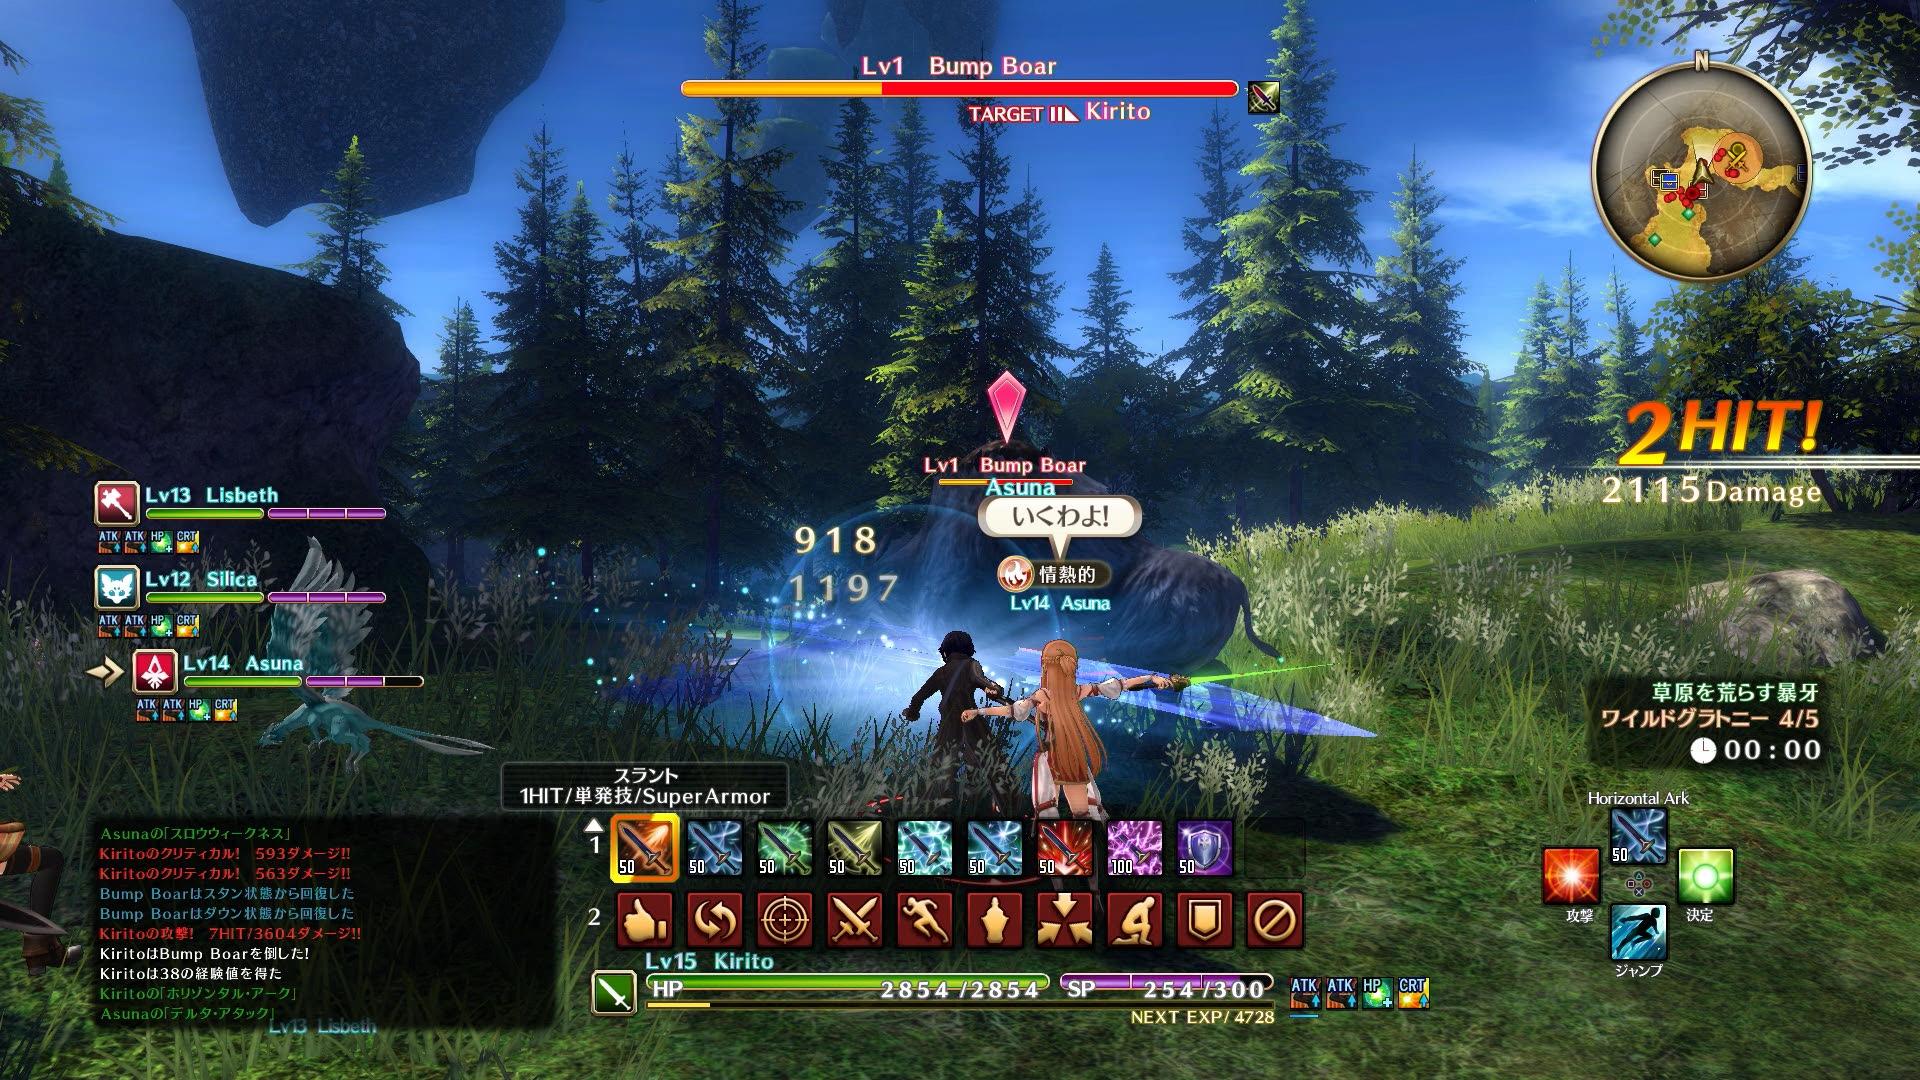 Komunikaci ve Sword Art Online: Hollow Realization budou ovlivňovat pocity 128321